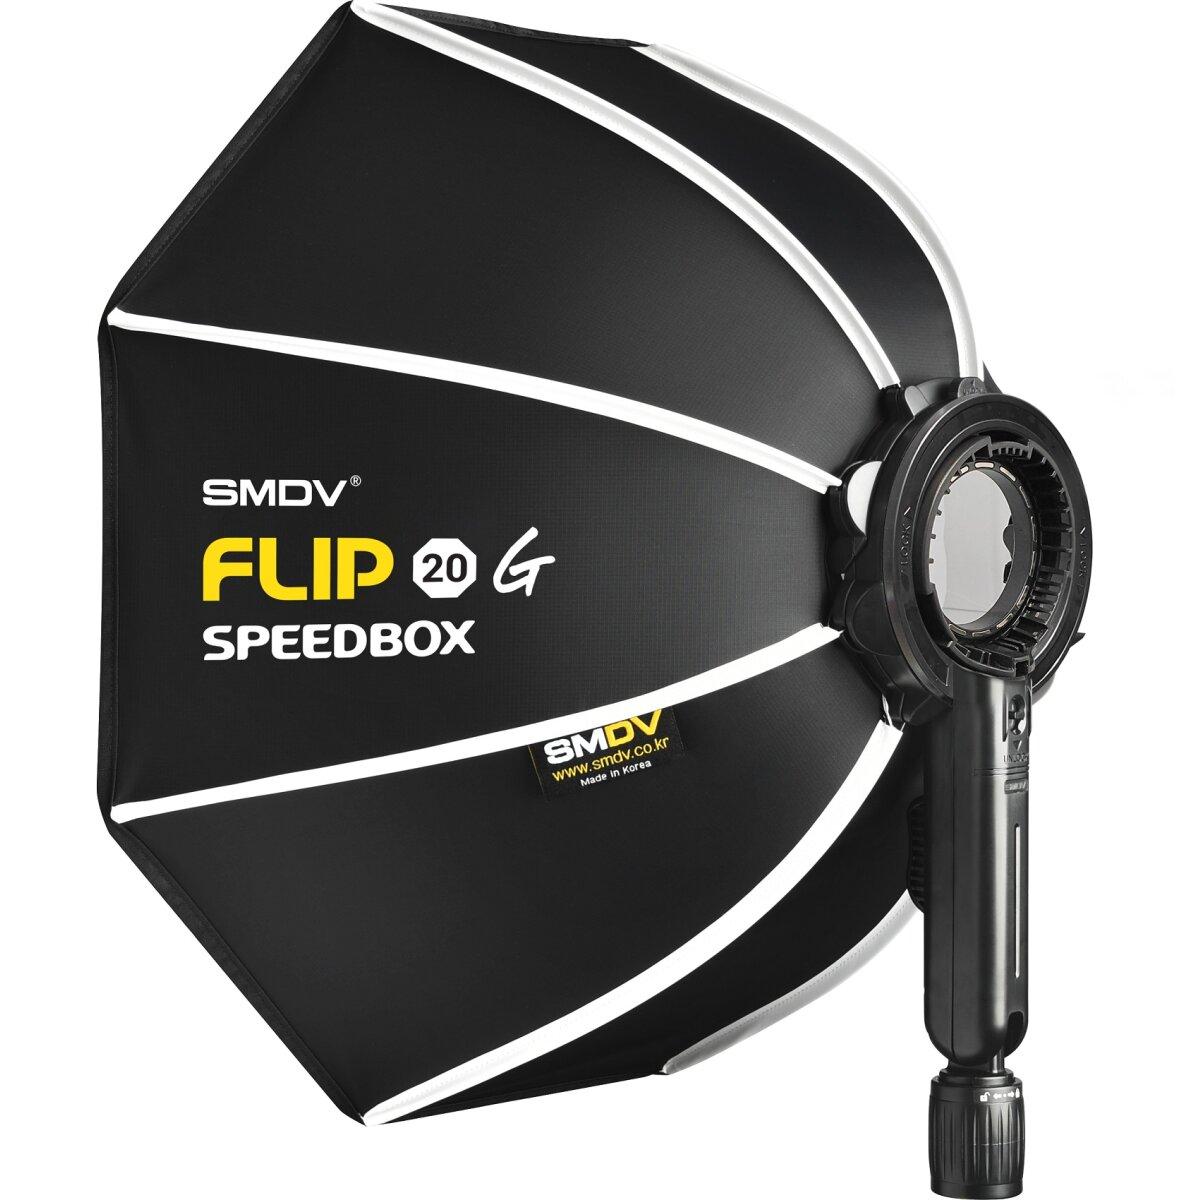 Impulsfoto SMDV Innovative Softbox Speedbox-Flip20 - 50 cm   440 x 130 mm   Erste Klappbare Softbox der Welt   Winkel Verstellbar   Mit Adapter für Profoto A1, A10